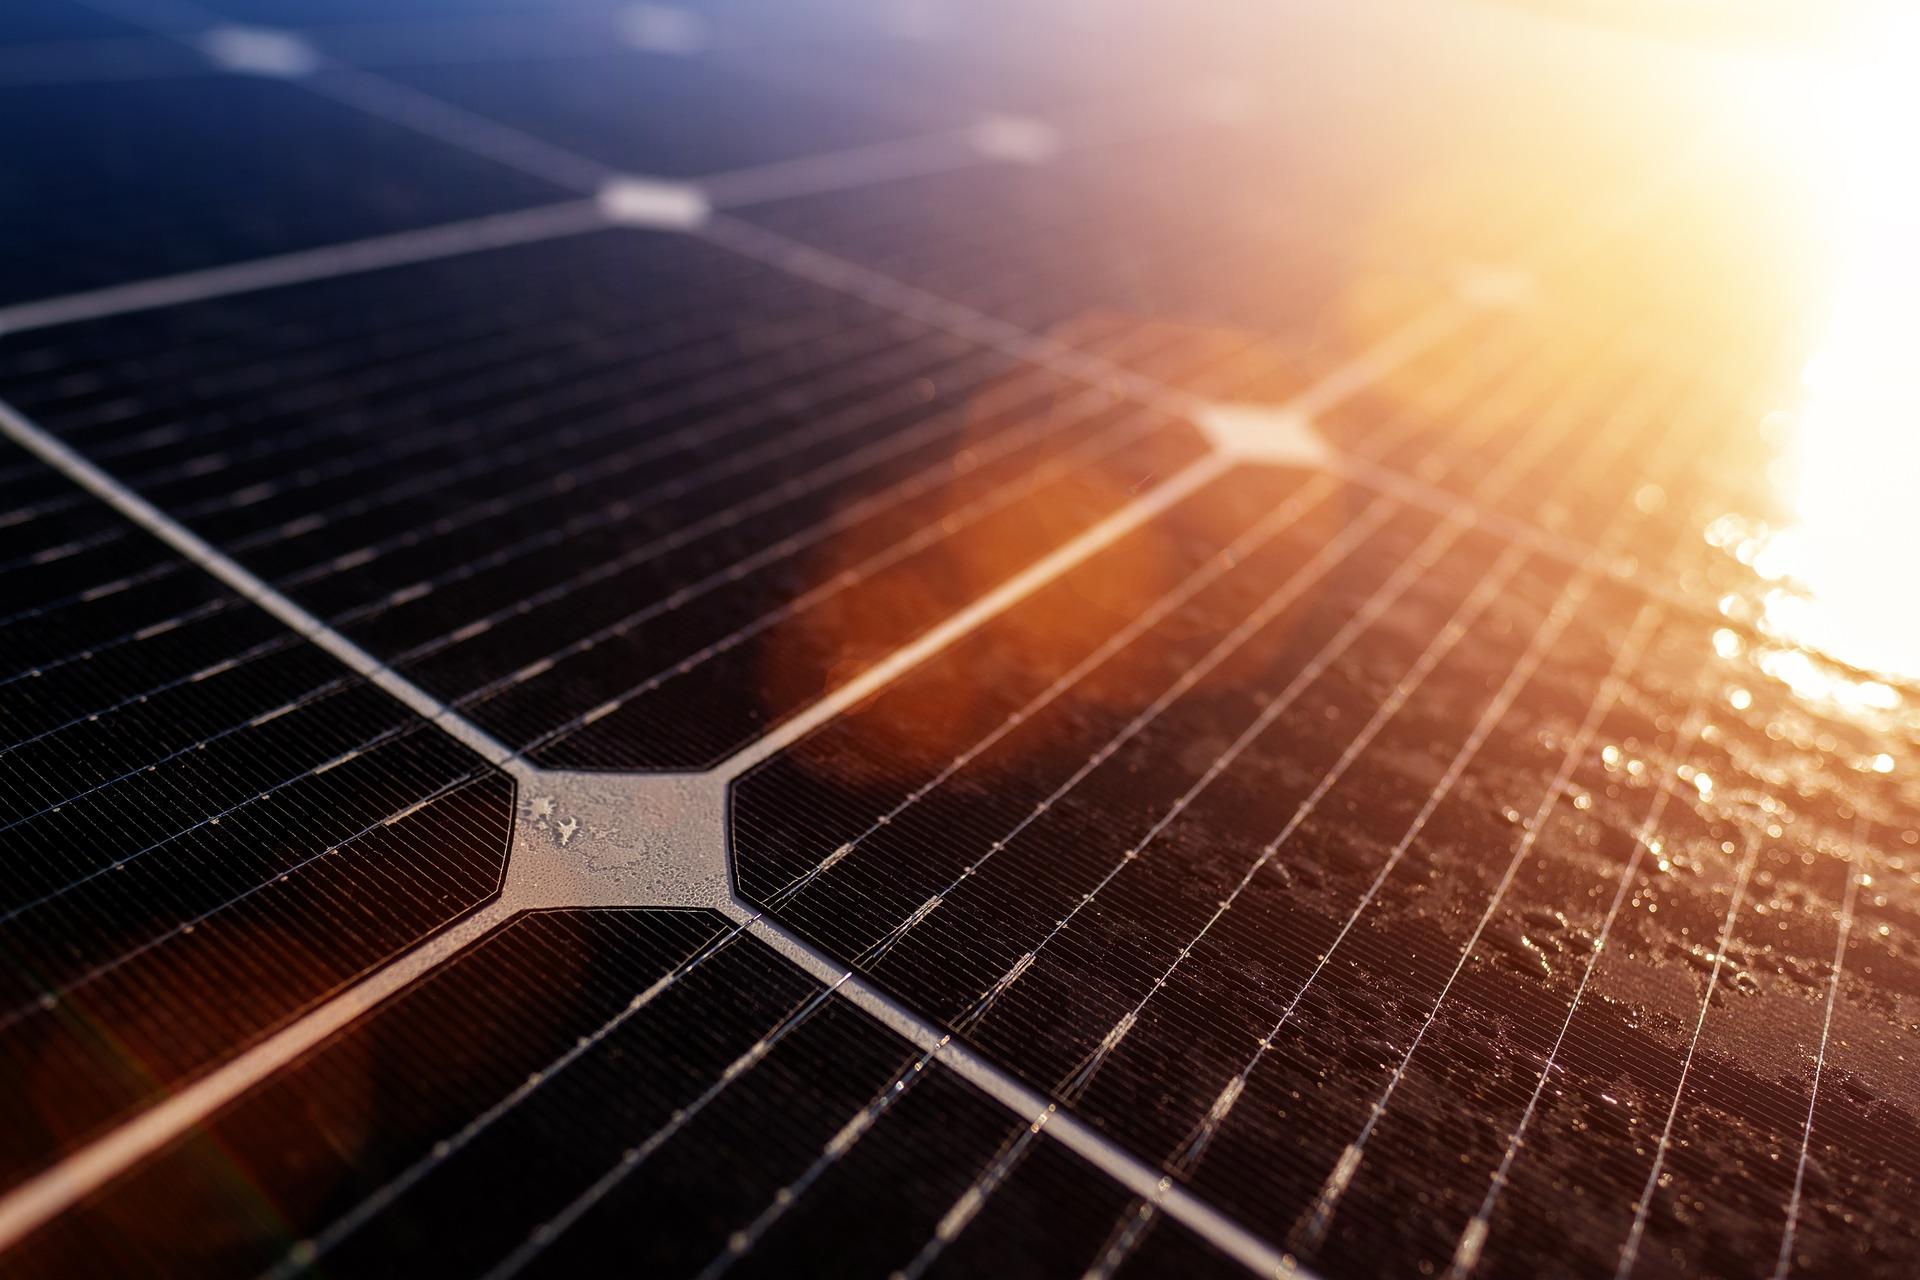 normandie centrale photovoltaique 60 mw aeroport deauville - L'Energeek.jpg